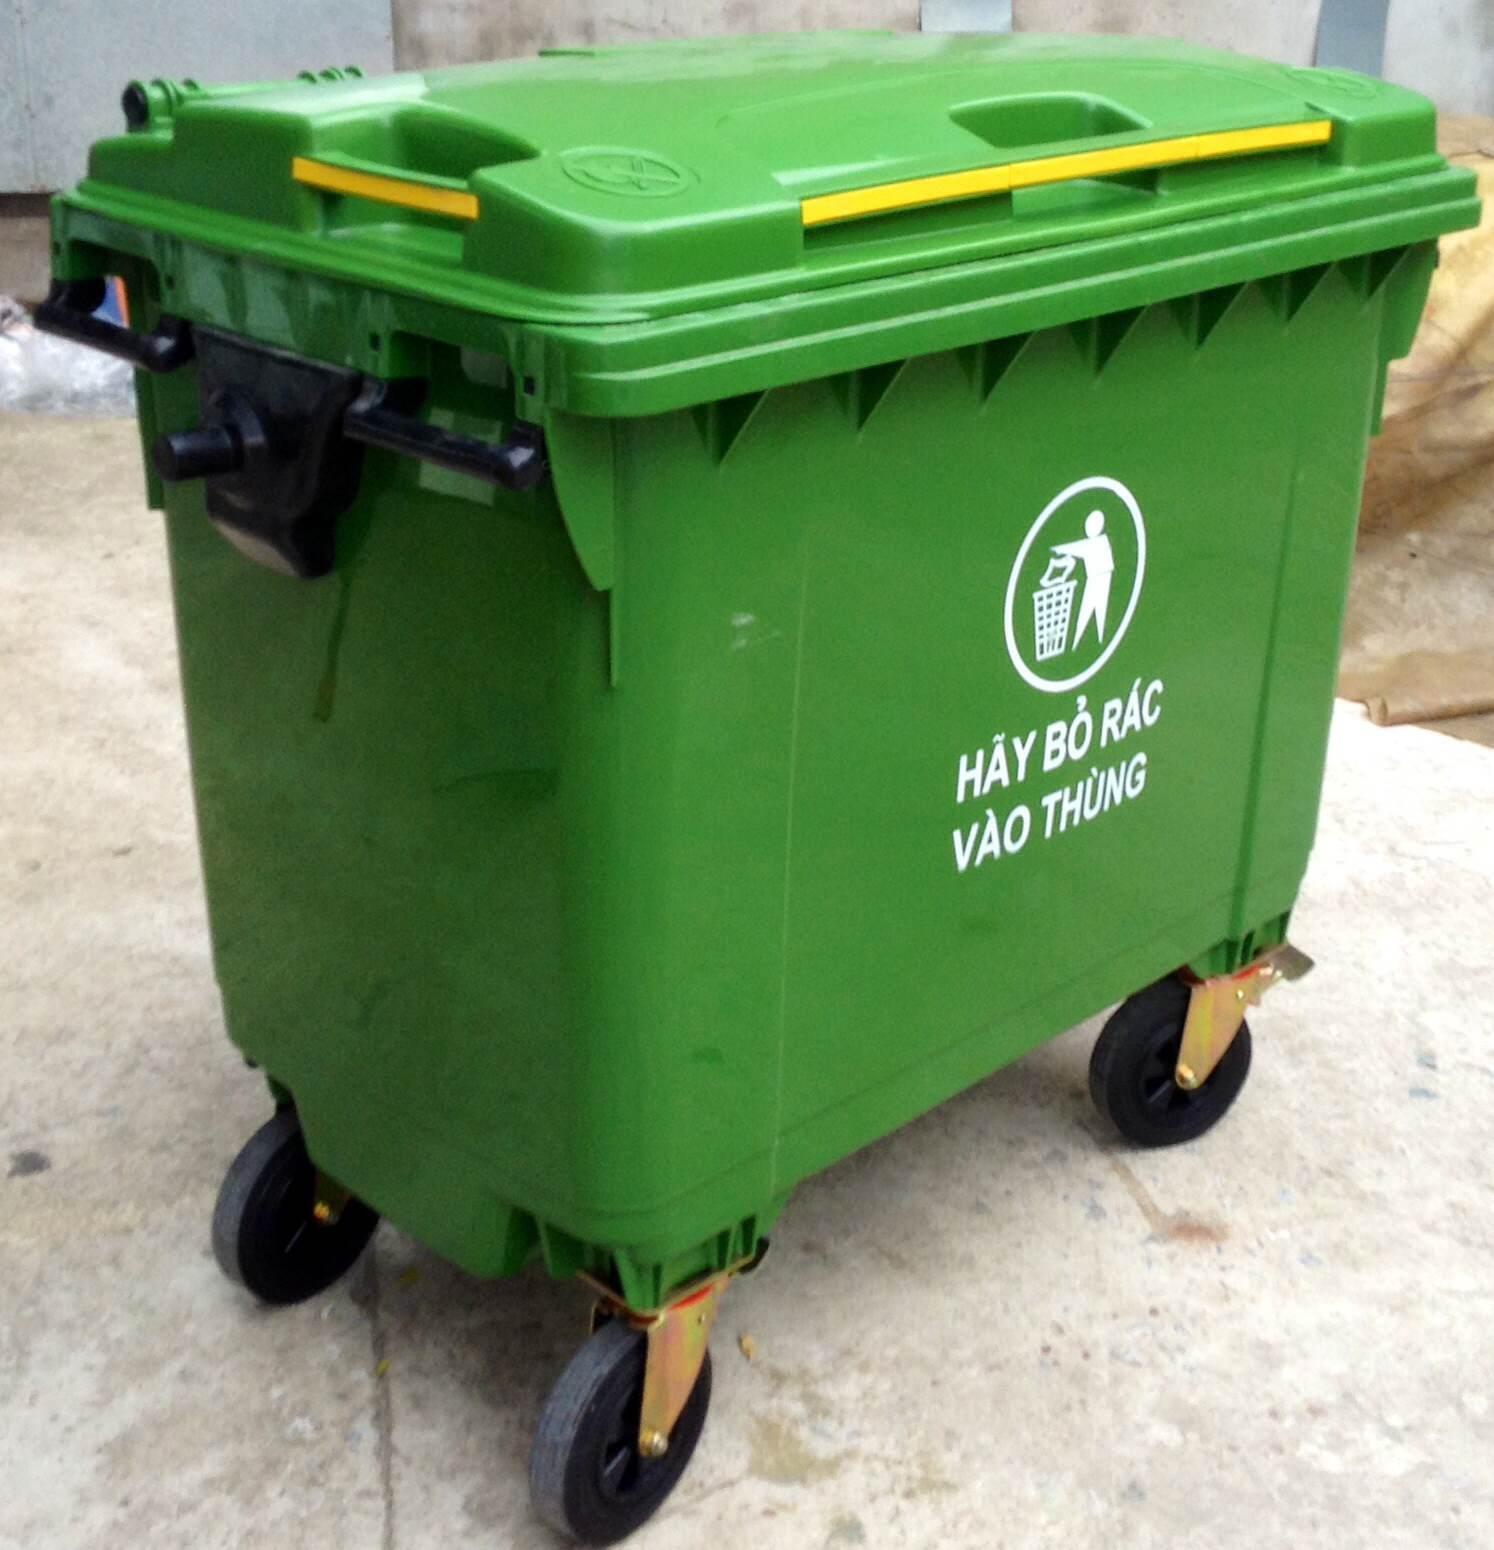 Nhựa HDPE được dùng làm thùng đựng rác